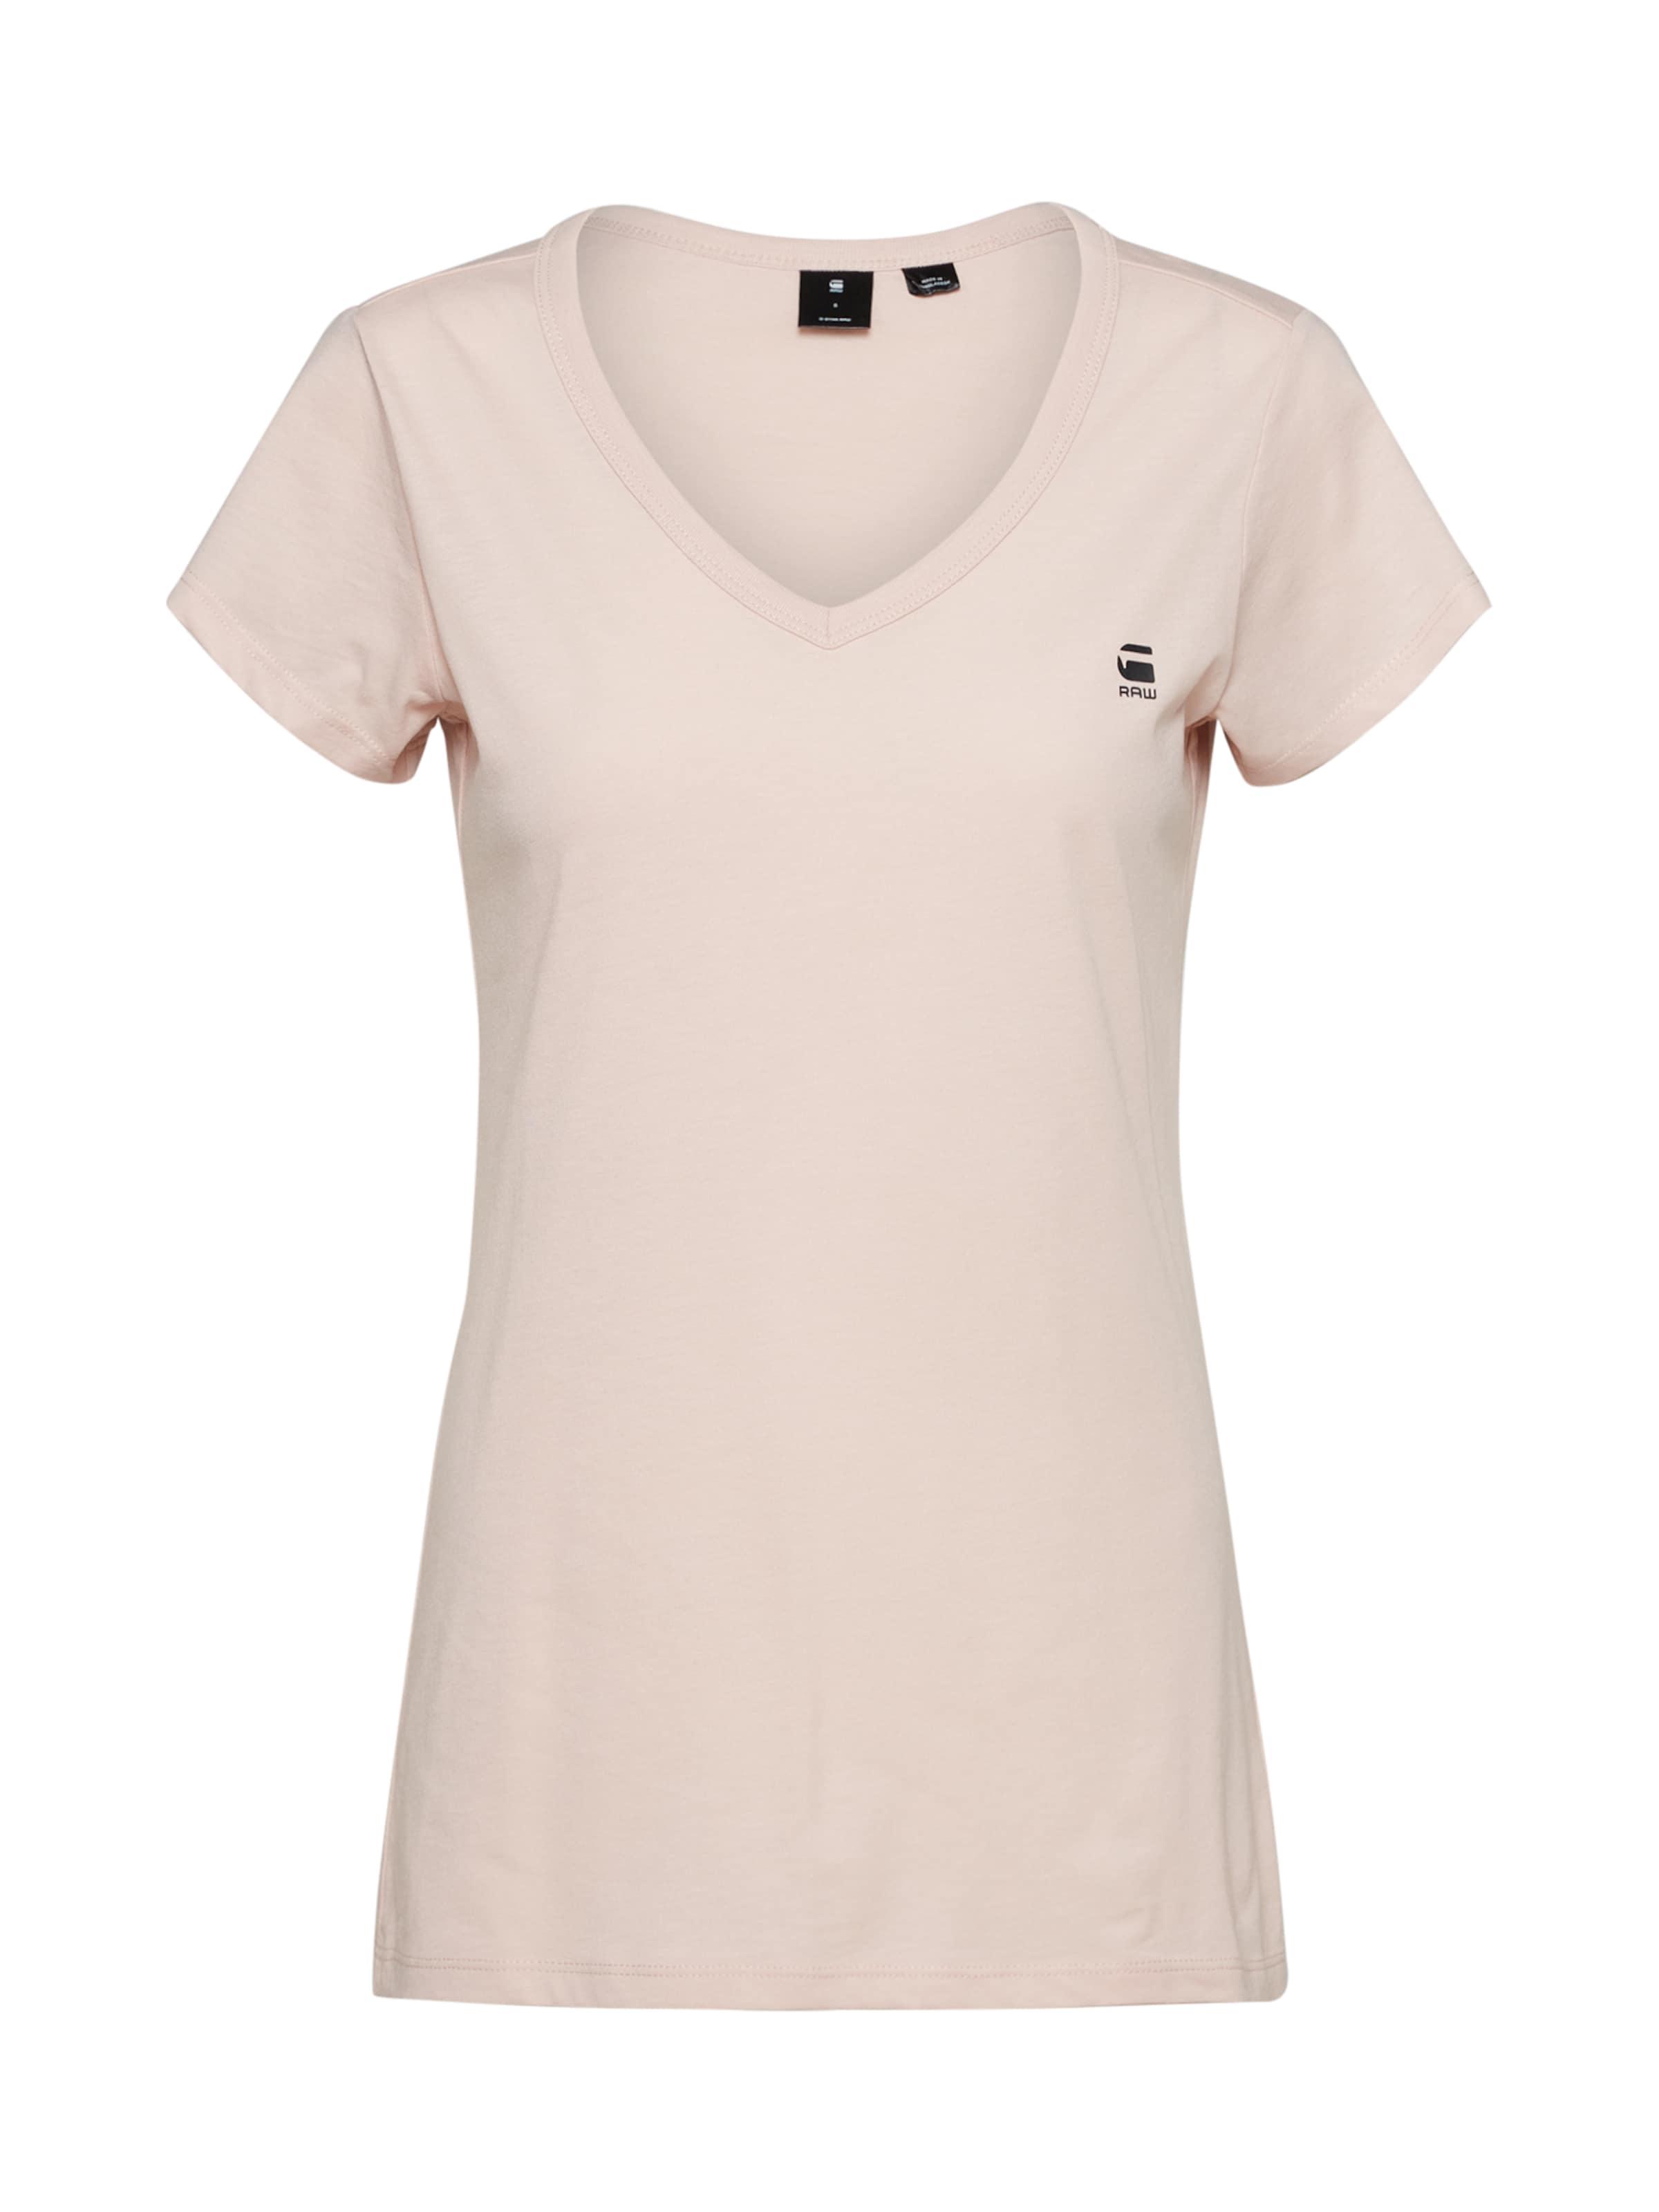 star G shirt En T Rose Raw 'eyben' WDH9Y2IE